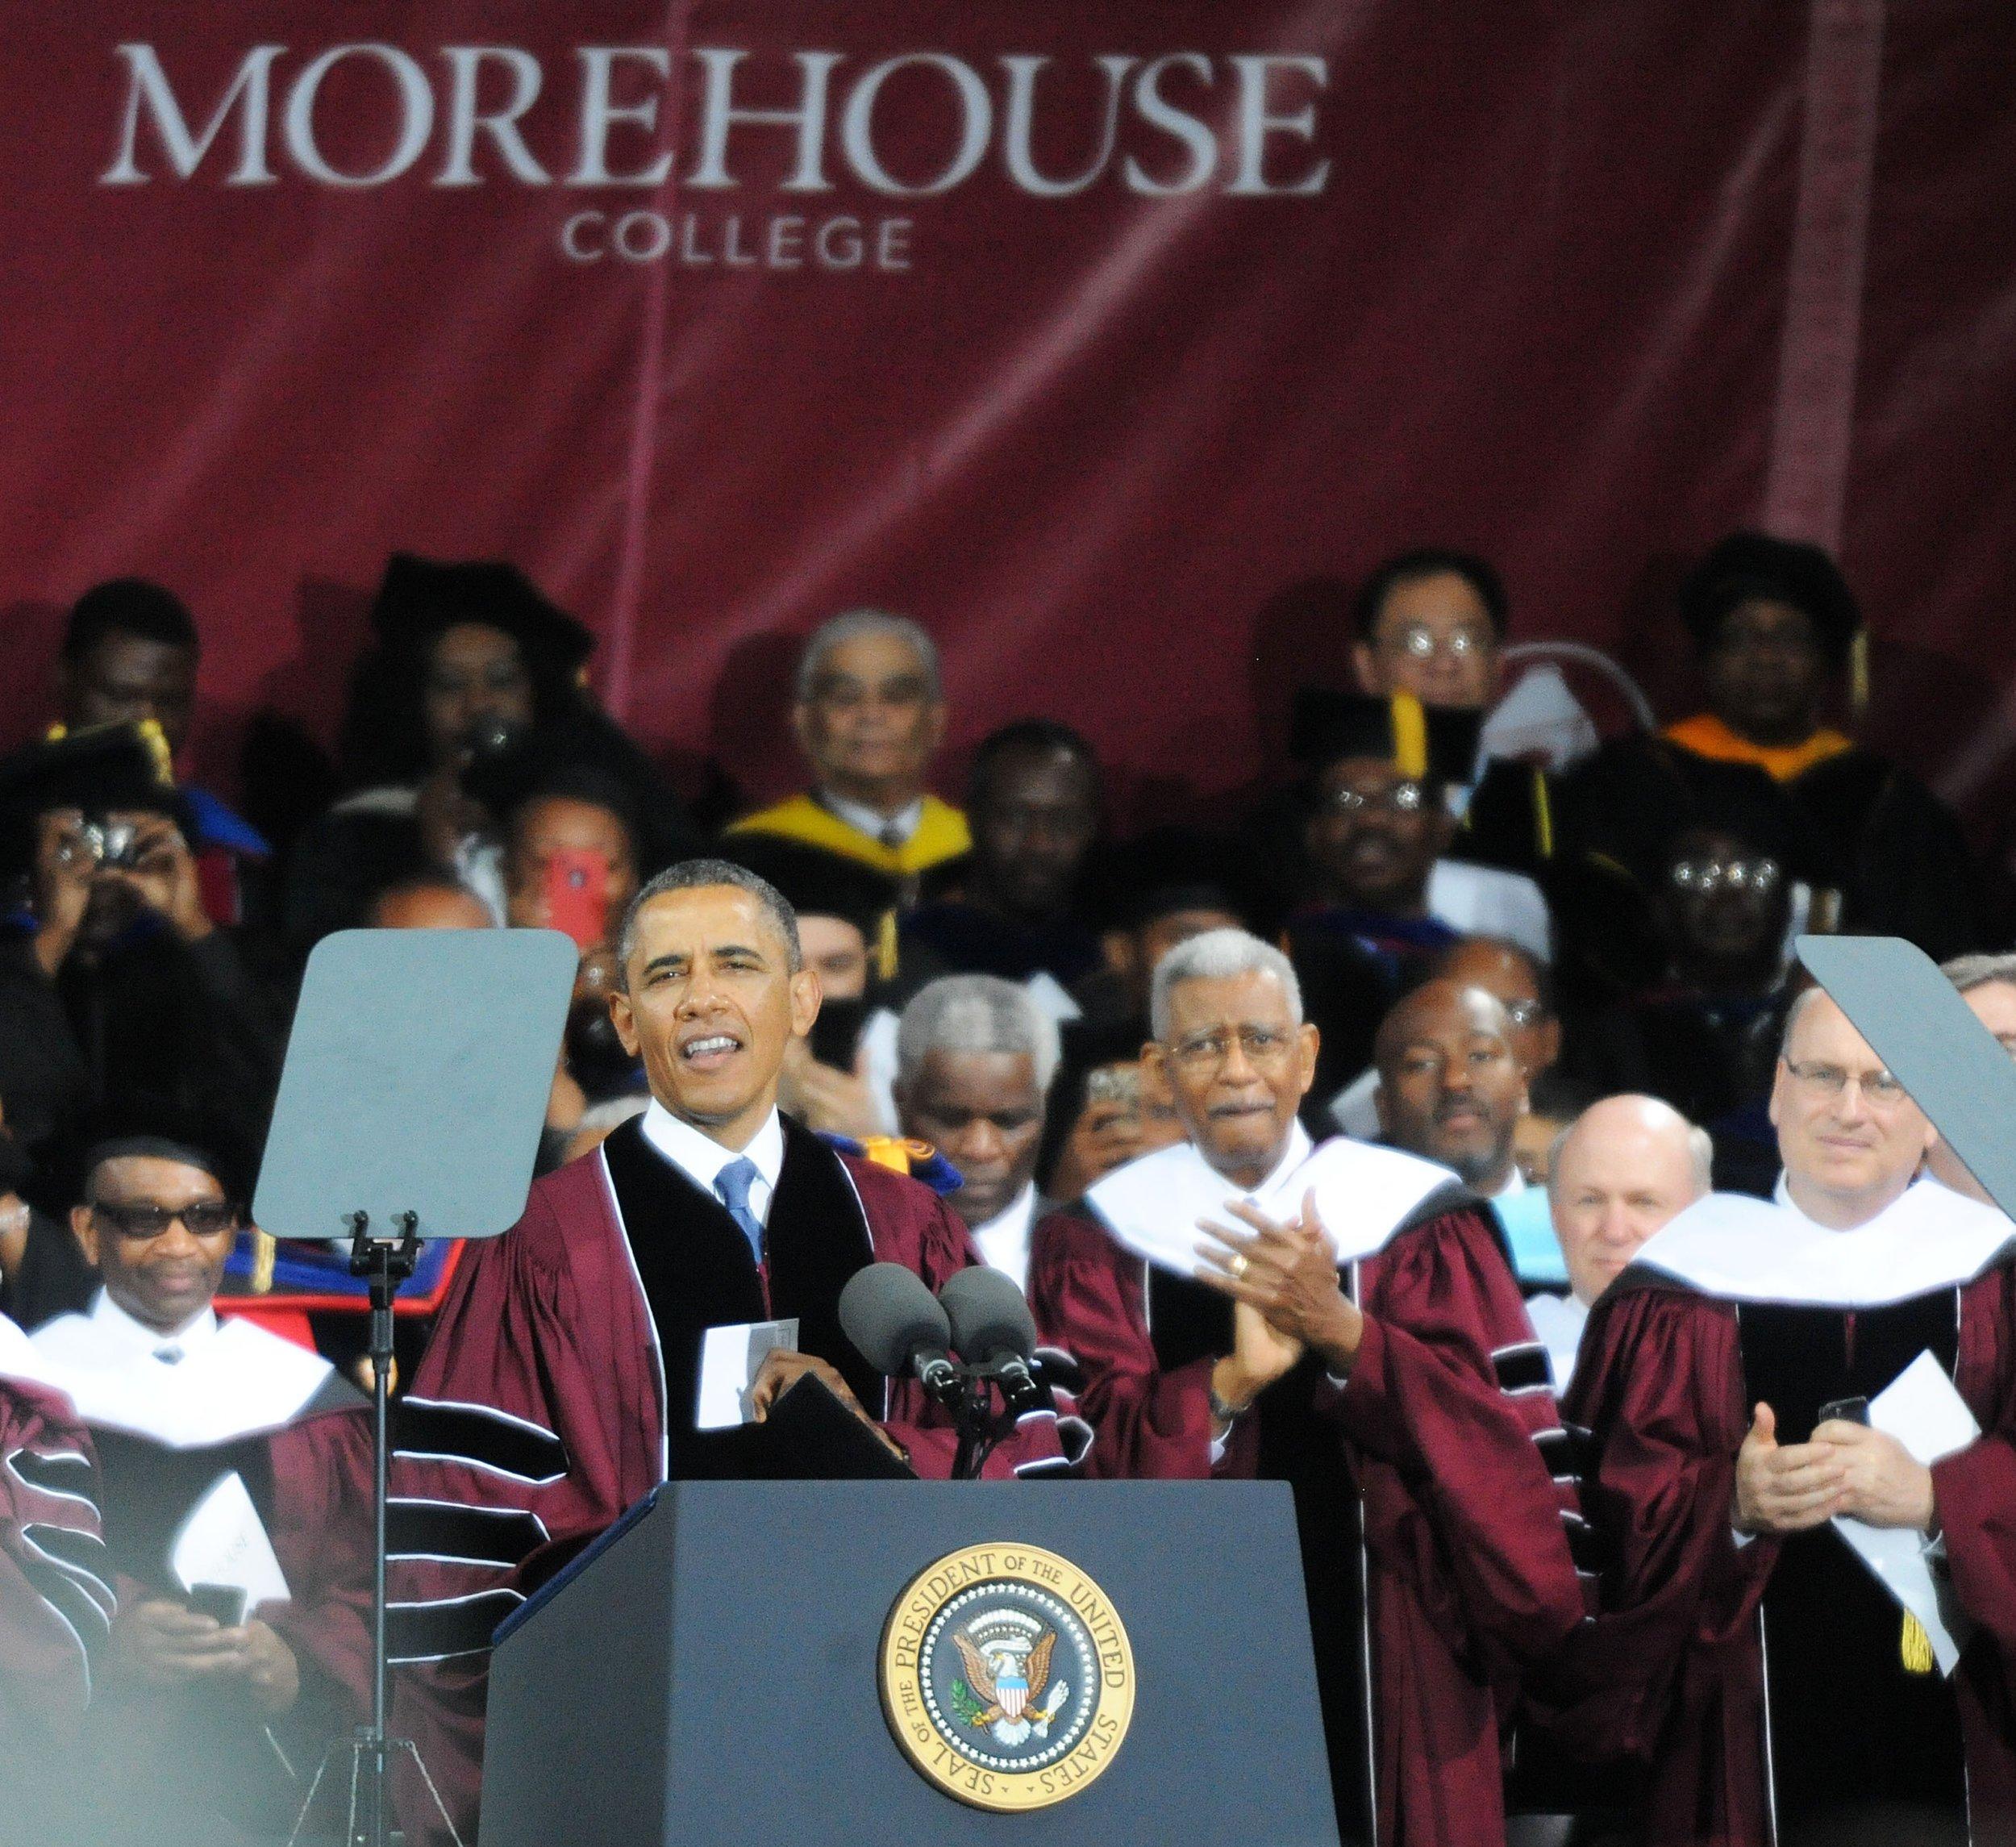 obama-morehouse-2013.jpg